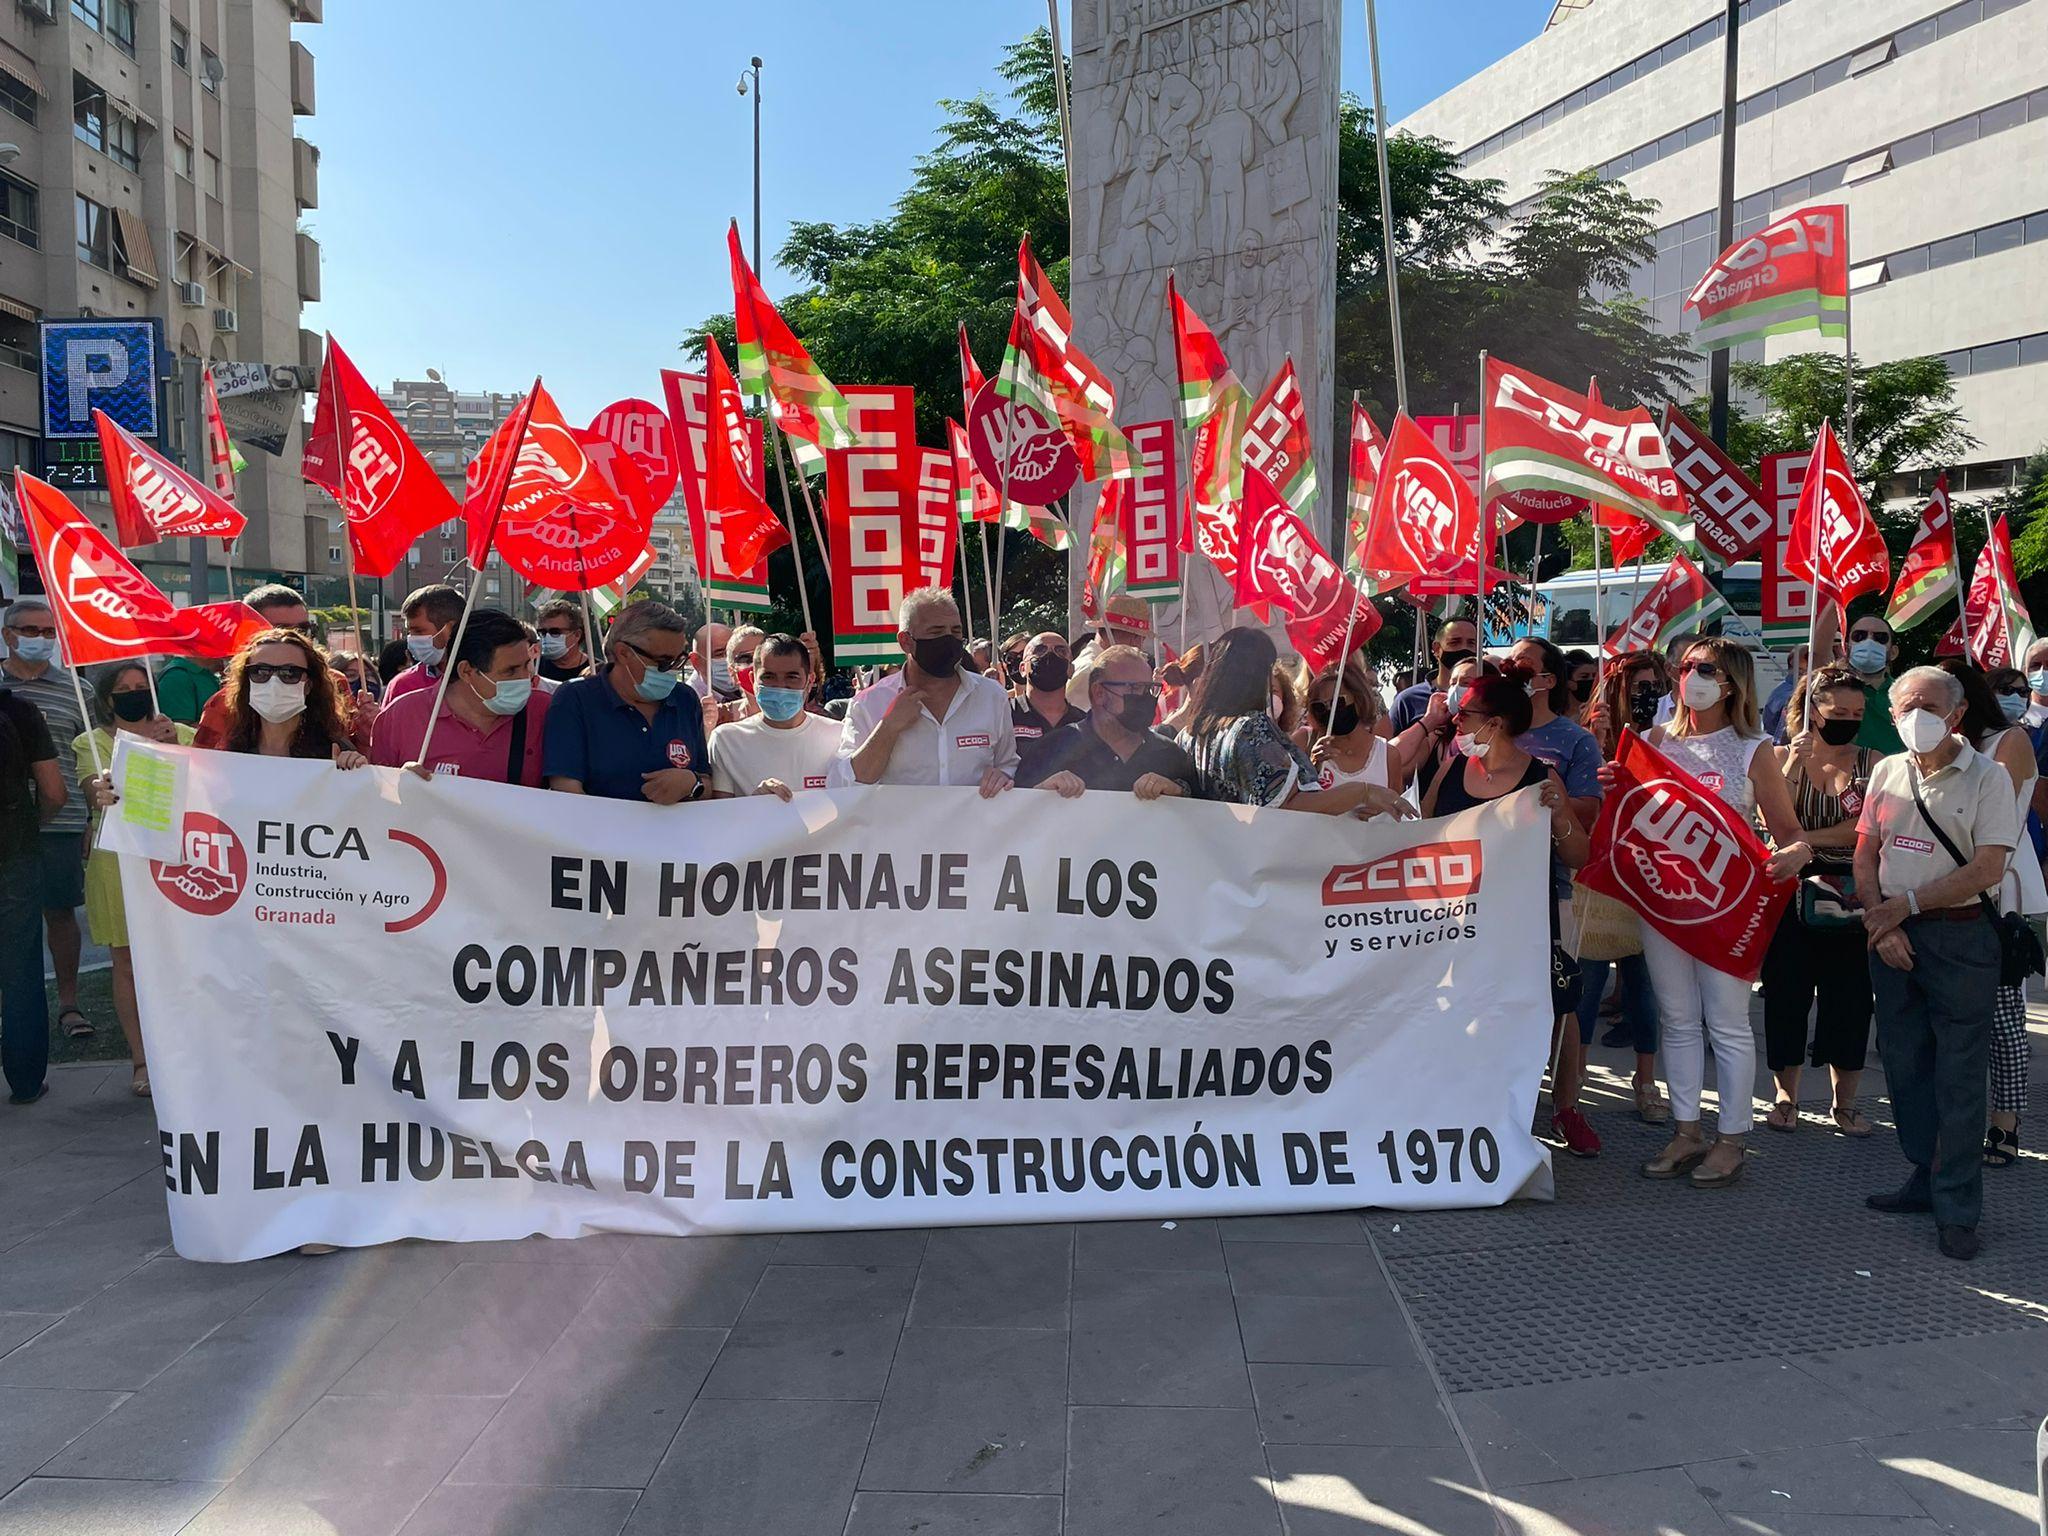 UGT y CCOO recuerdan a Antonio, Cristóbal y Manuel, asesinados hace 51 años en la Huelga Obrera del 1970